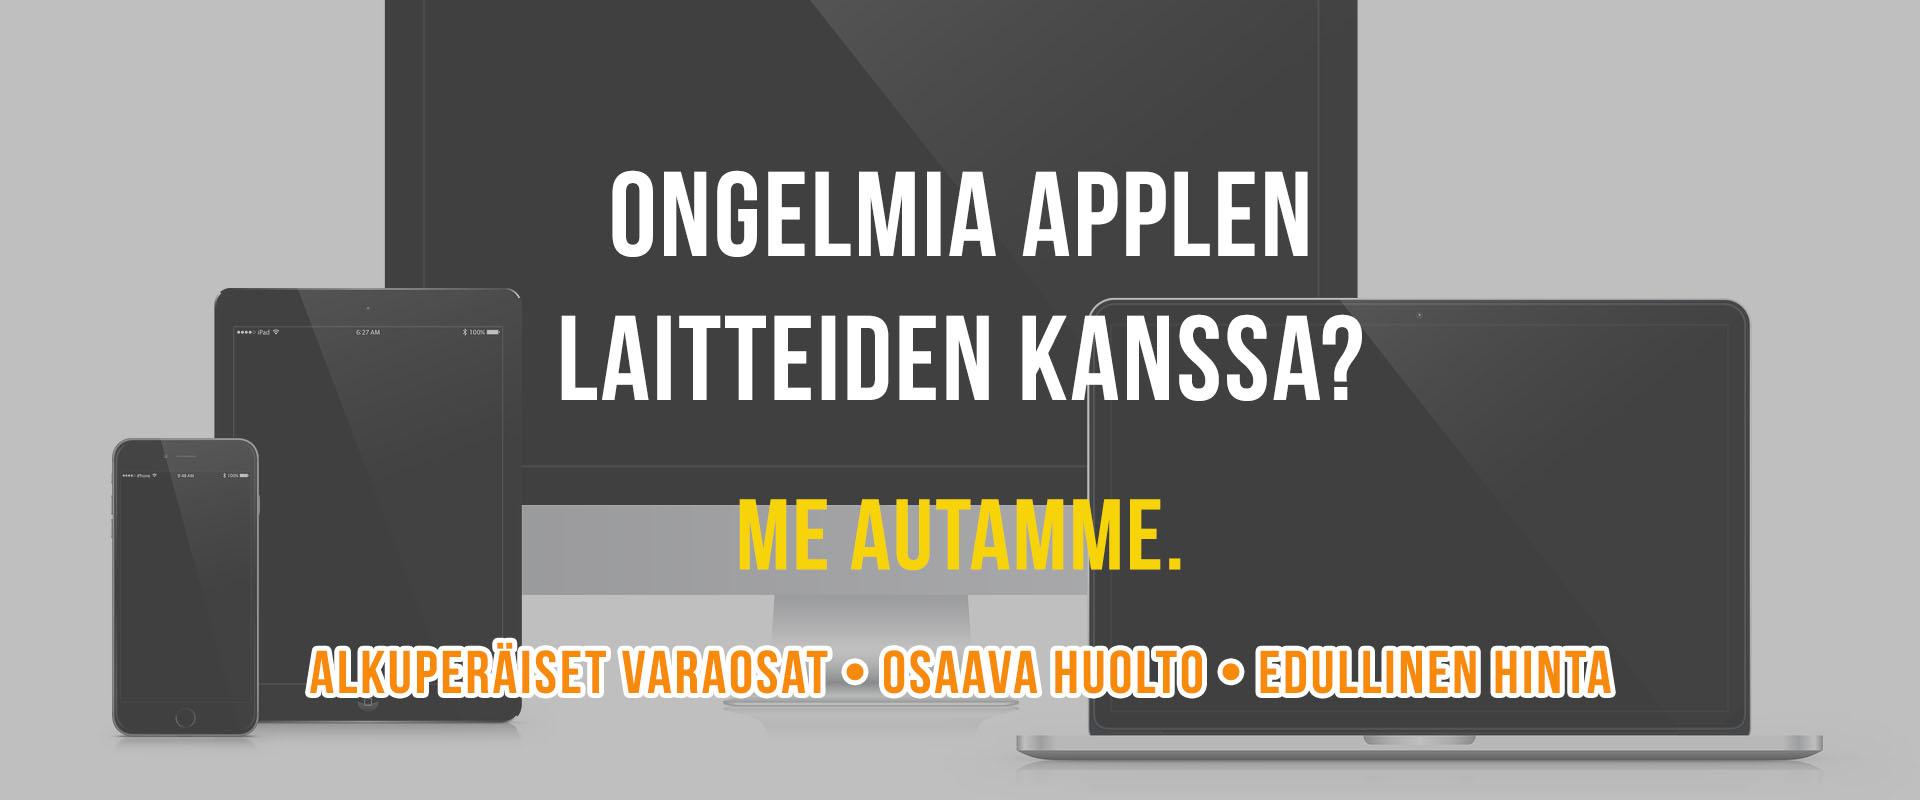 Ongelmia Mac-tietokoneen, iPhonen tai iPadin kanssa?